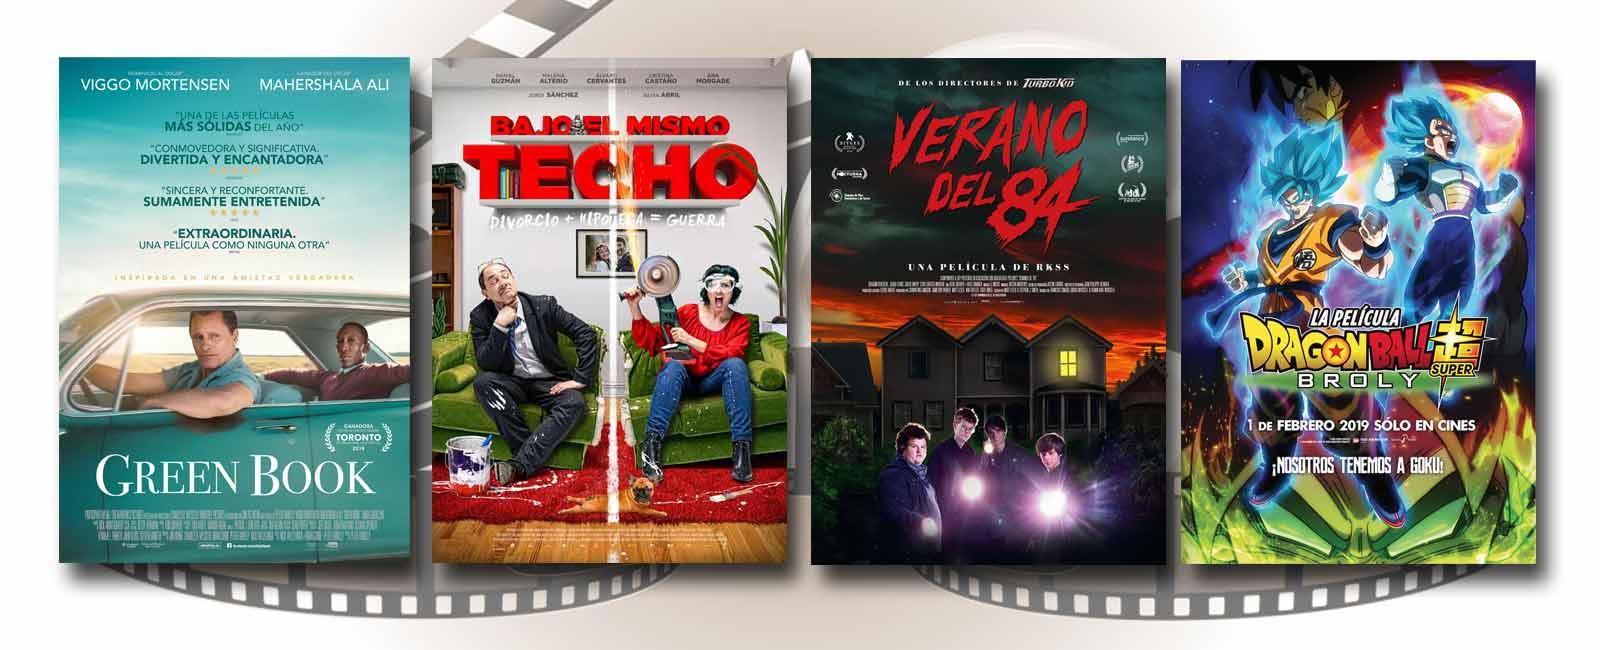 Estrenos de Cine de la Semana… 1 de Febrero 2019